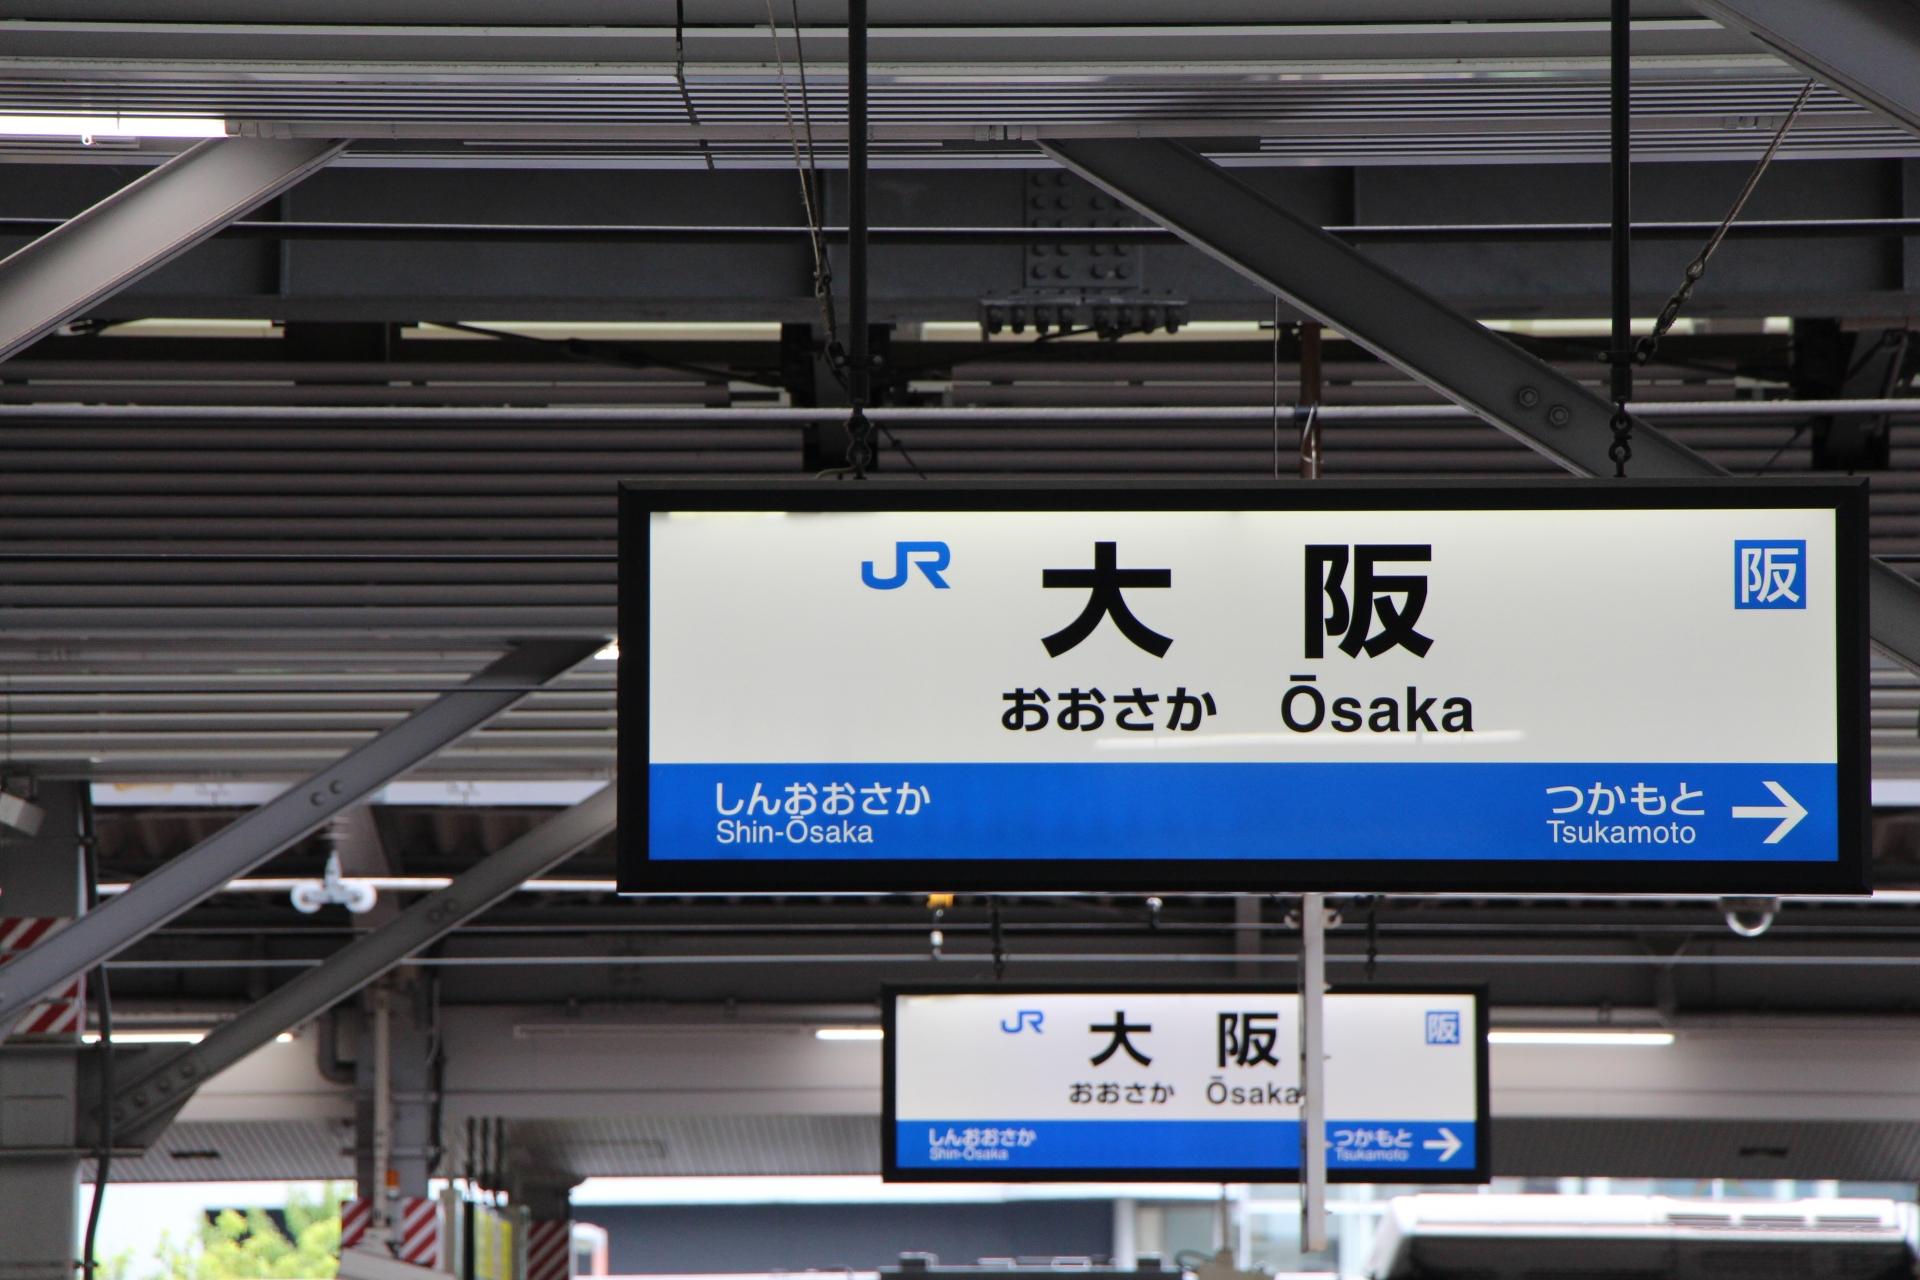 大阪駅のコインロッカー場所まとめ!改札内にもある?穴場も紹介!